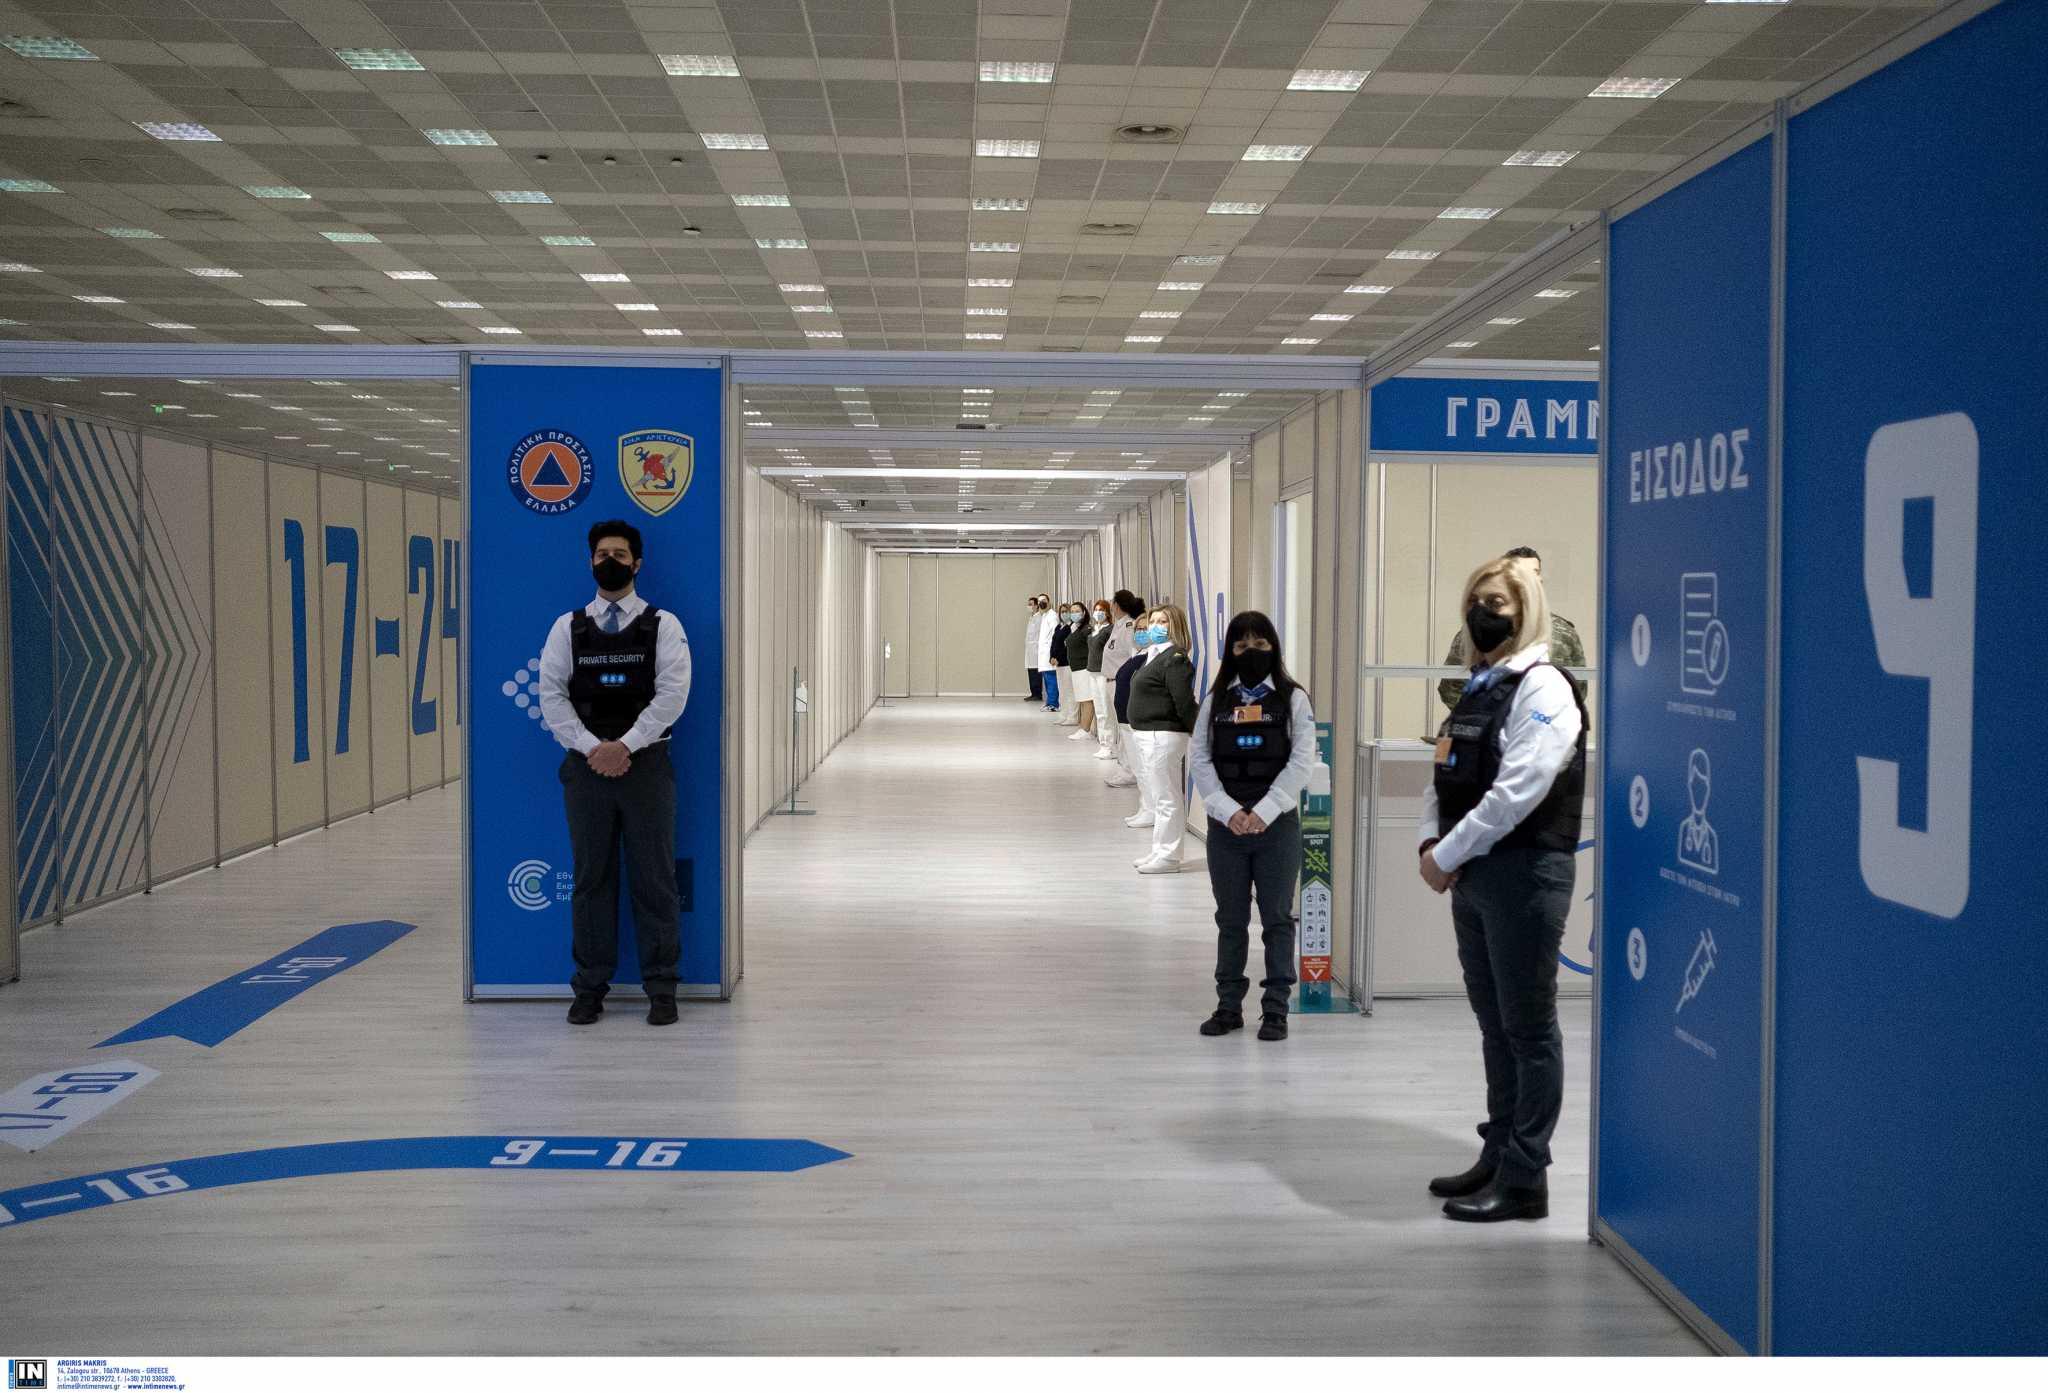 Εμβόλιο AstraZeneca: Κλείνουν ραντεβού για την «απελευθέρωση» οι 30αρηδες στη Θεσσαλονίκη (vid)